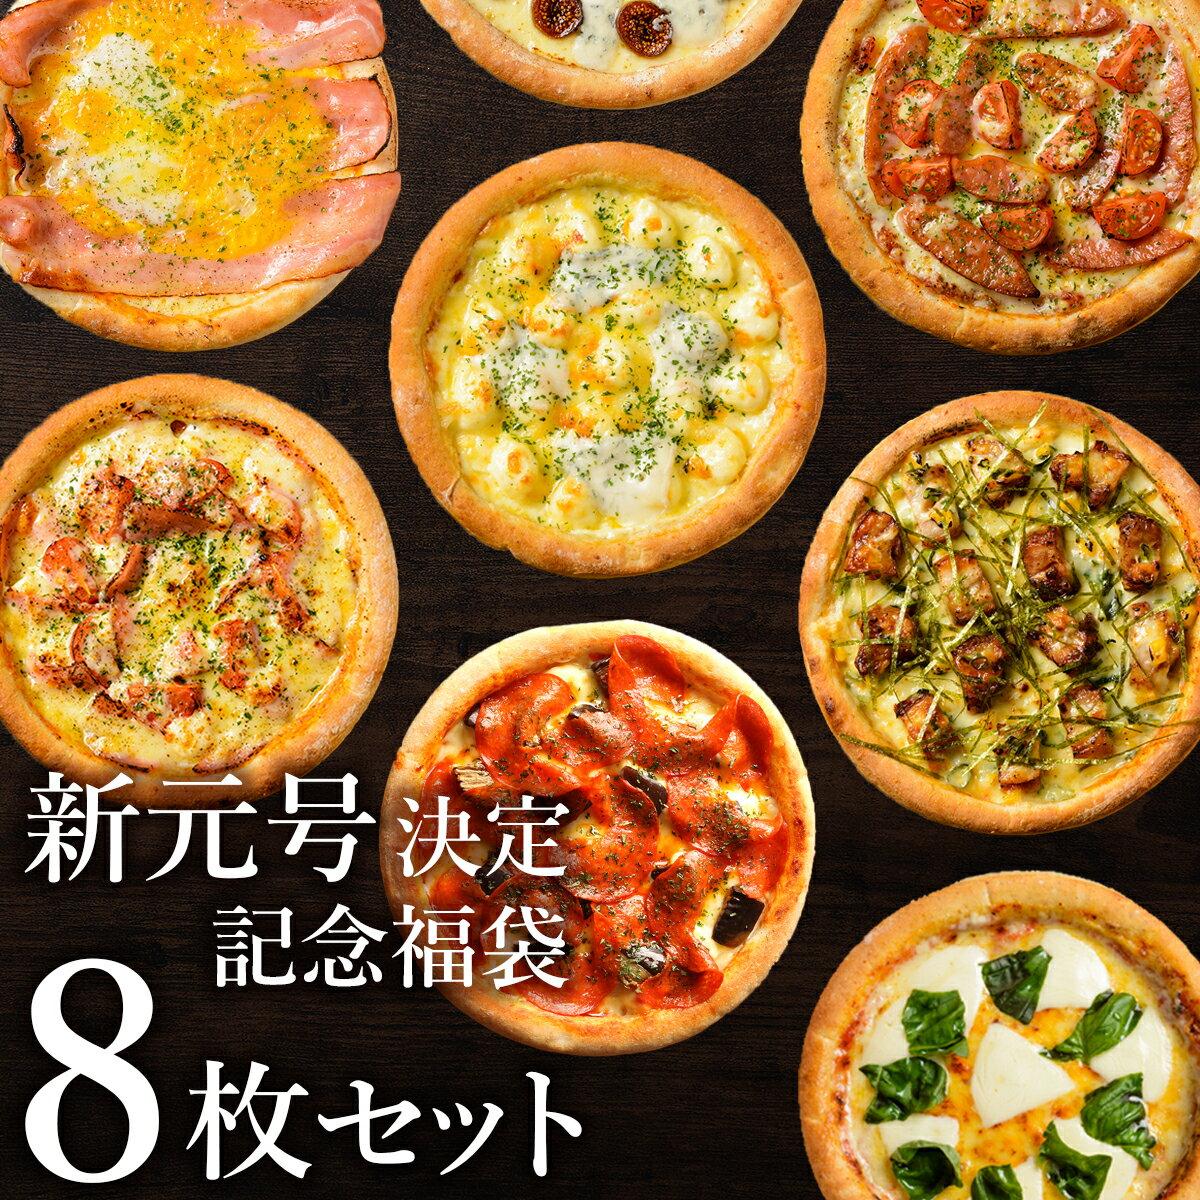 ピザ冷凍 / 送料無料! 新元号「令和」決定記念!選べるピザ福袋8枚セット(マルゲリータ、シーフードピザ、チーズピザ、ビスマルク他)/ さっぱりチーズ・ライ麦全粒粉ブレンド生地・直径役20cm